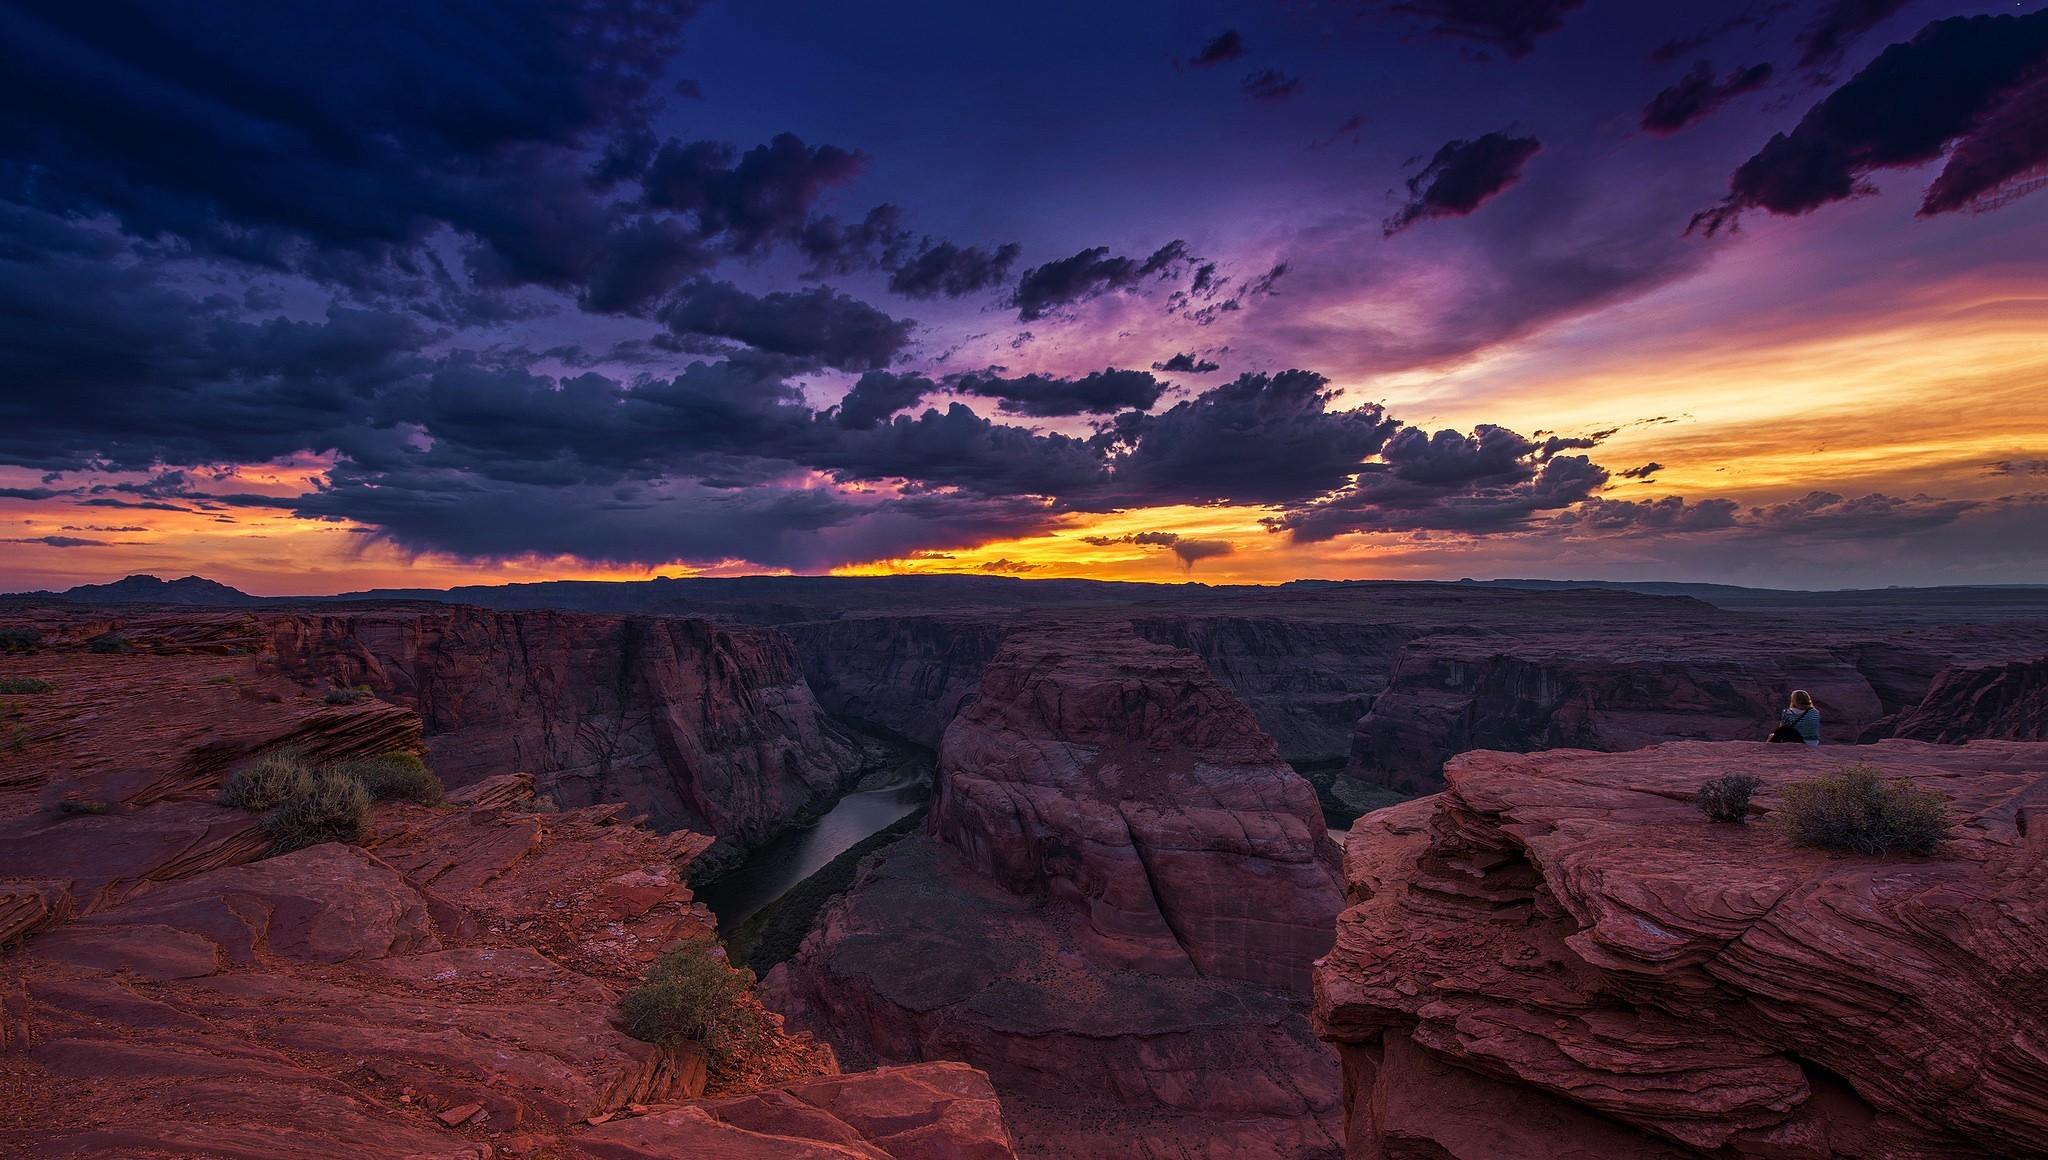 Tierra/Naturaleza Gran Cañón Arizona Canyon Evening Sunset ... Iphone 5 Sunset Wallpaper Hd